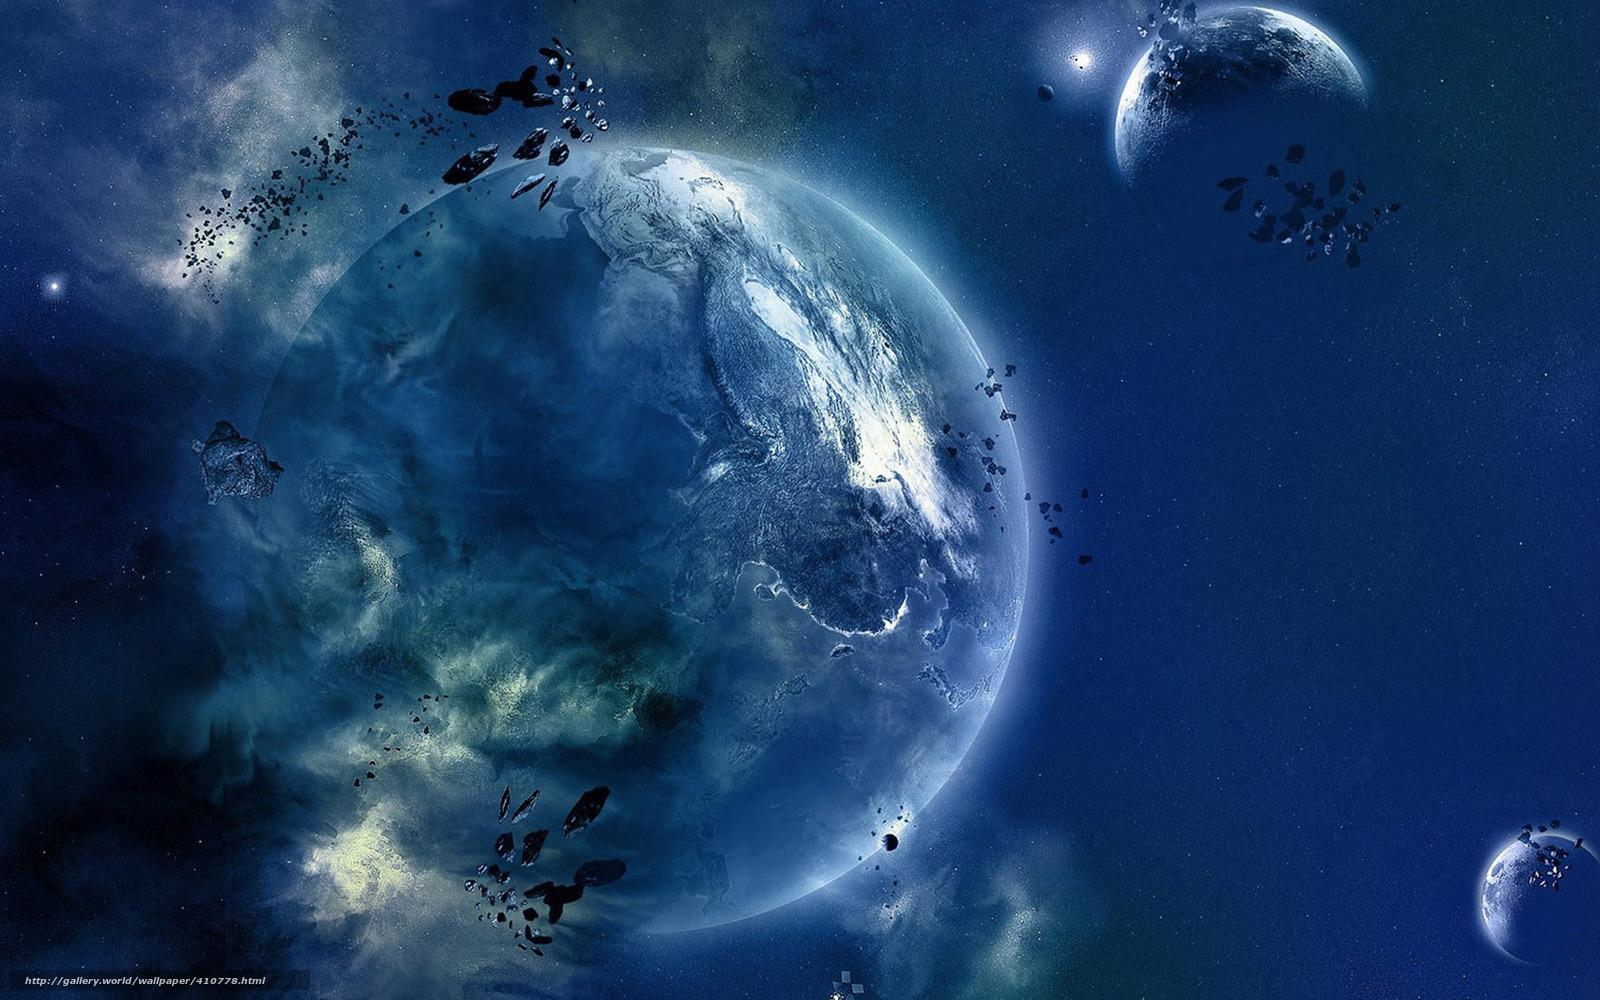 Скачать на телефон обои фото картинку на тему планета, камни, пространство, разширение 1680x1050